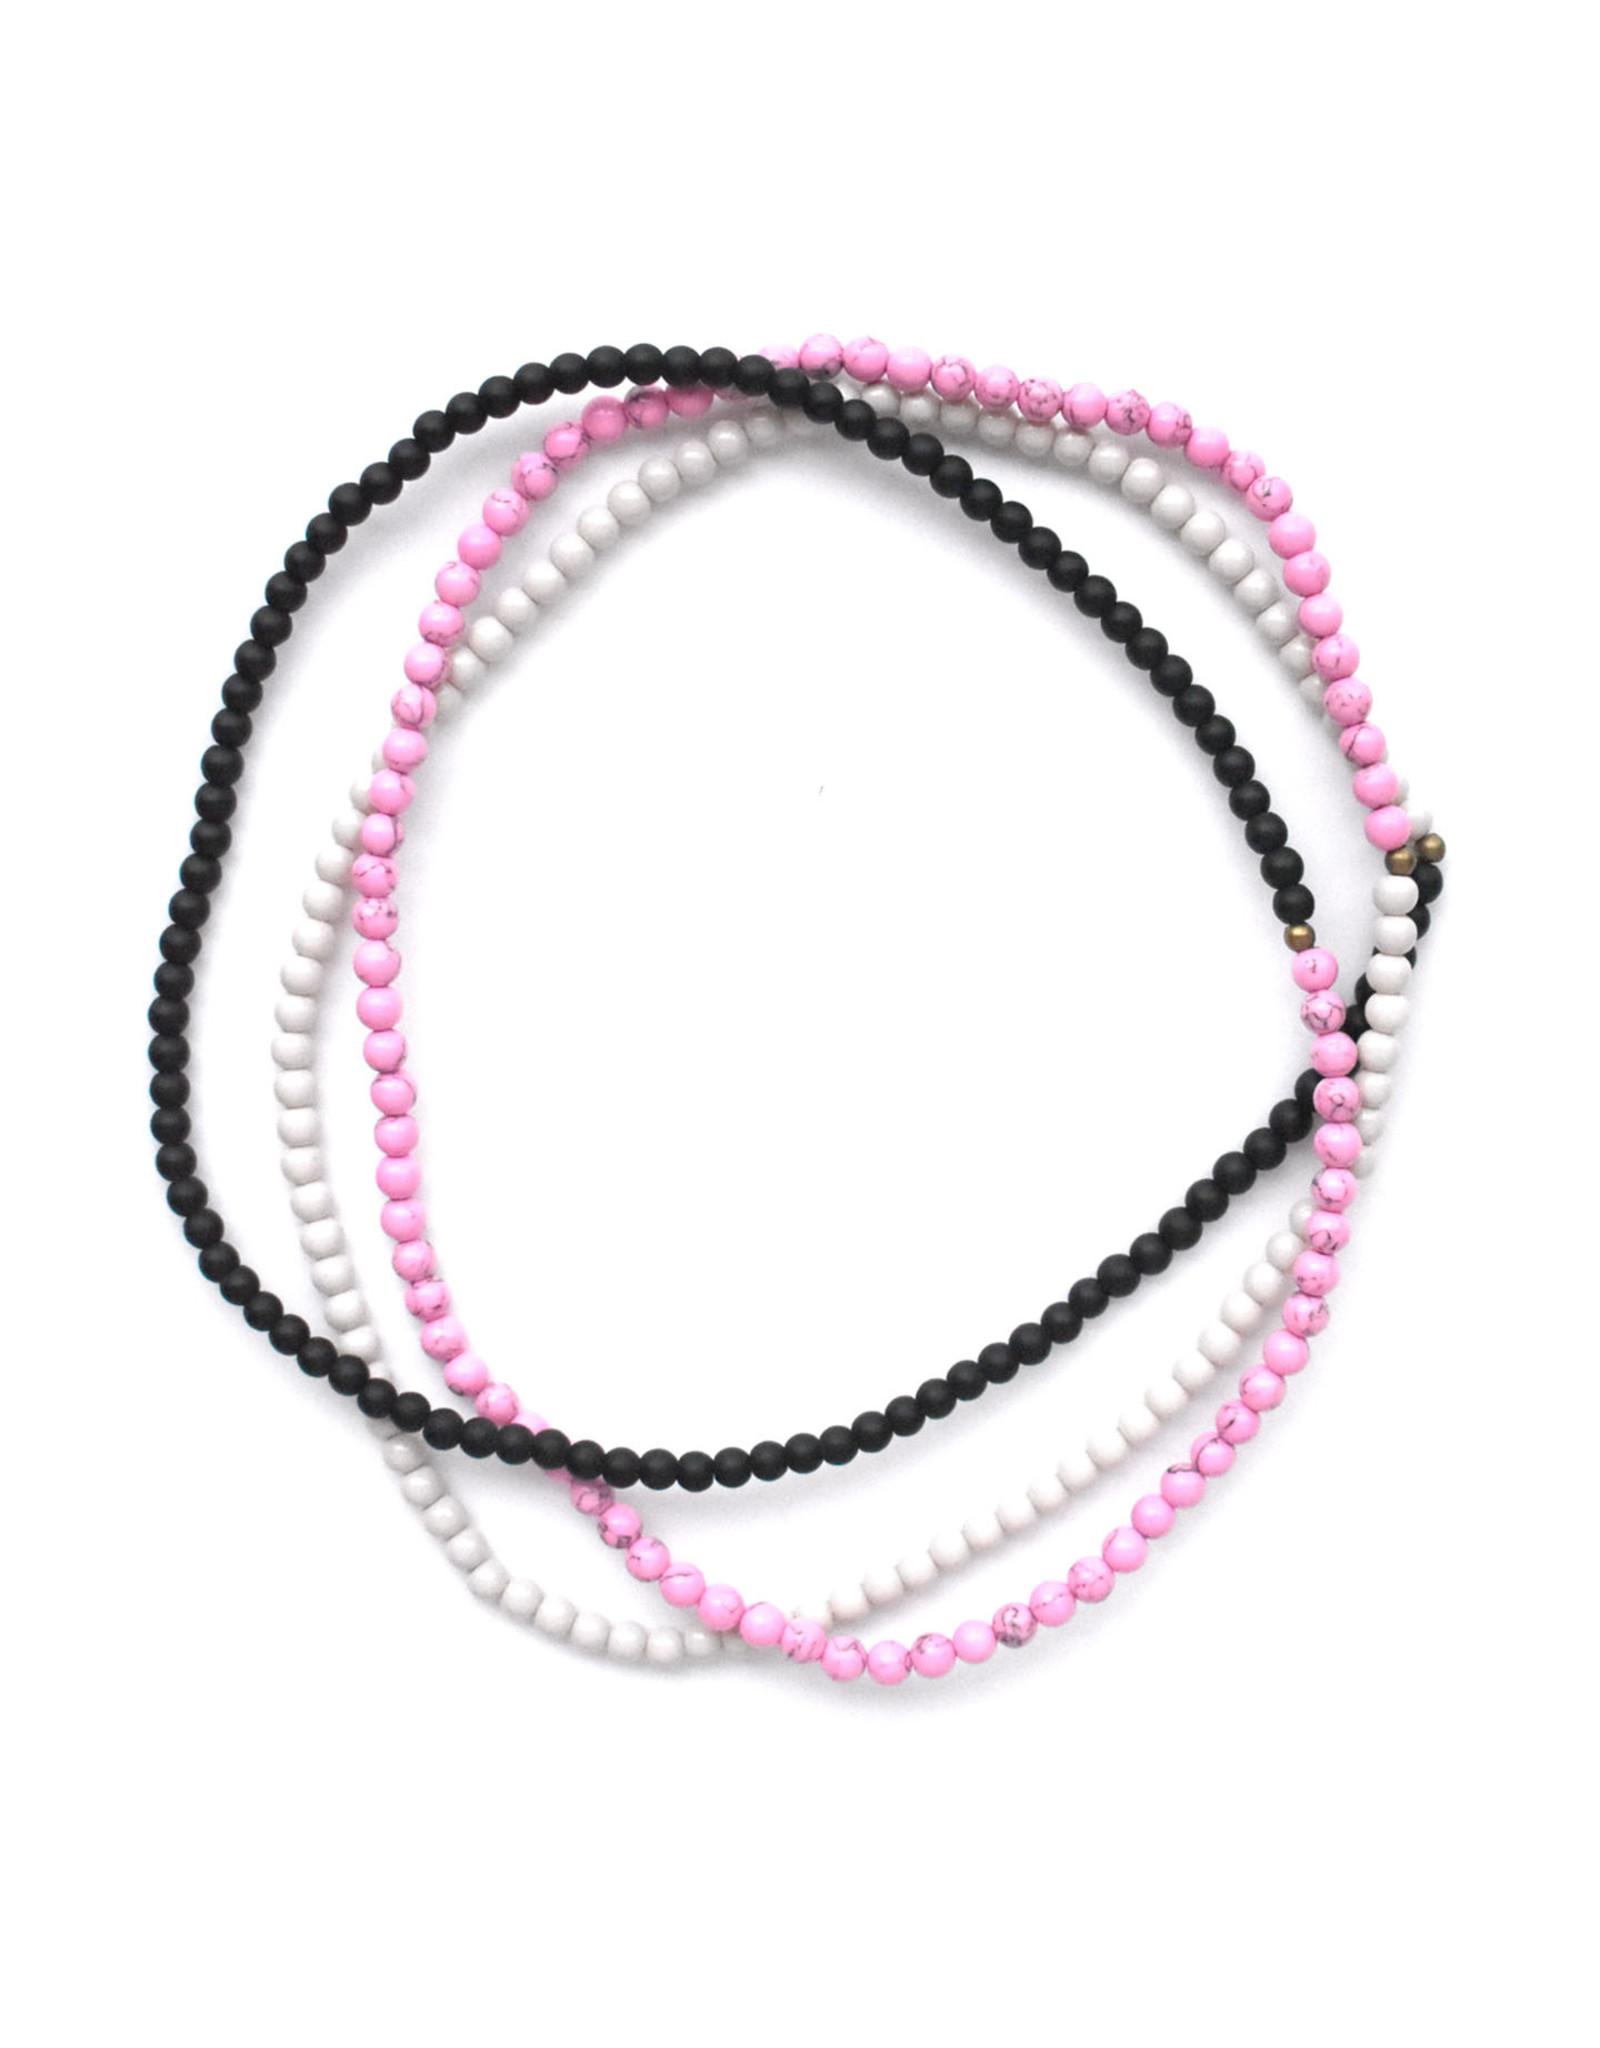 Saam Block Necklace - Black, Cream & Magenta